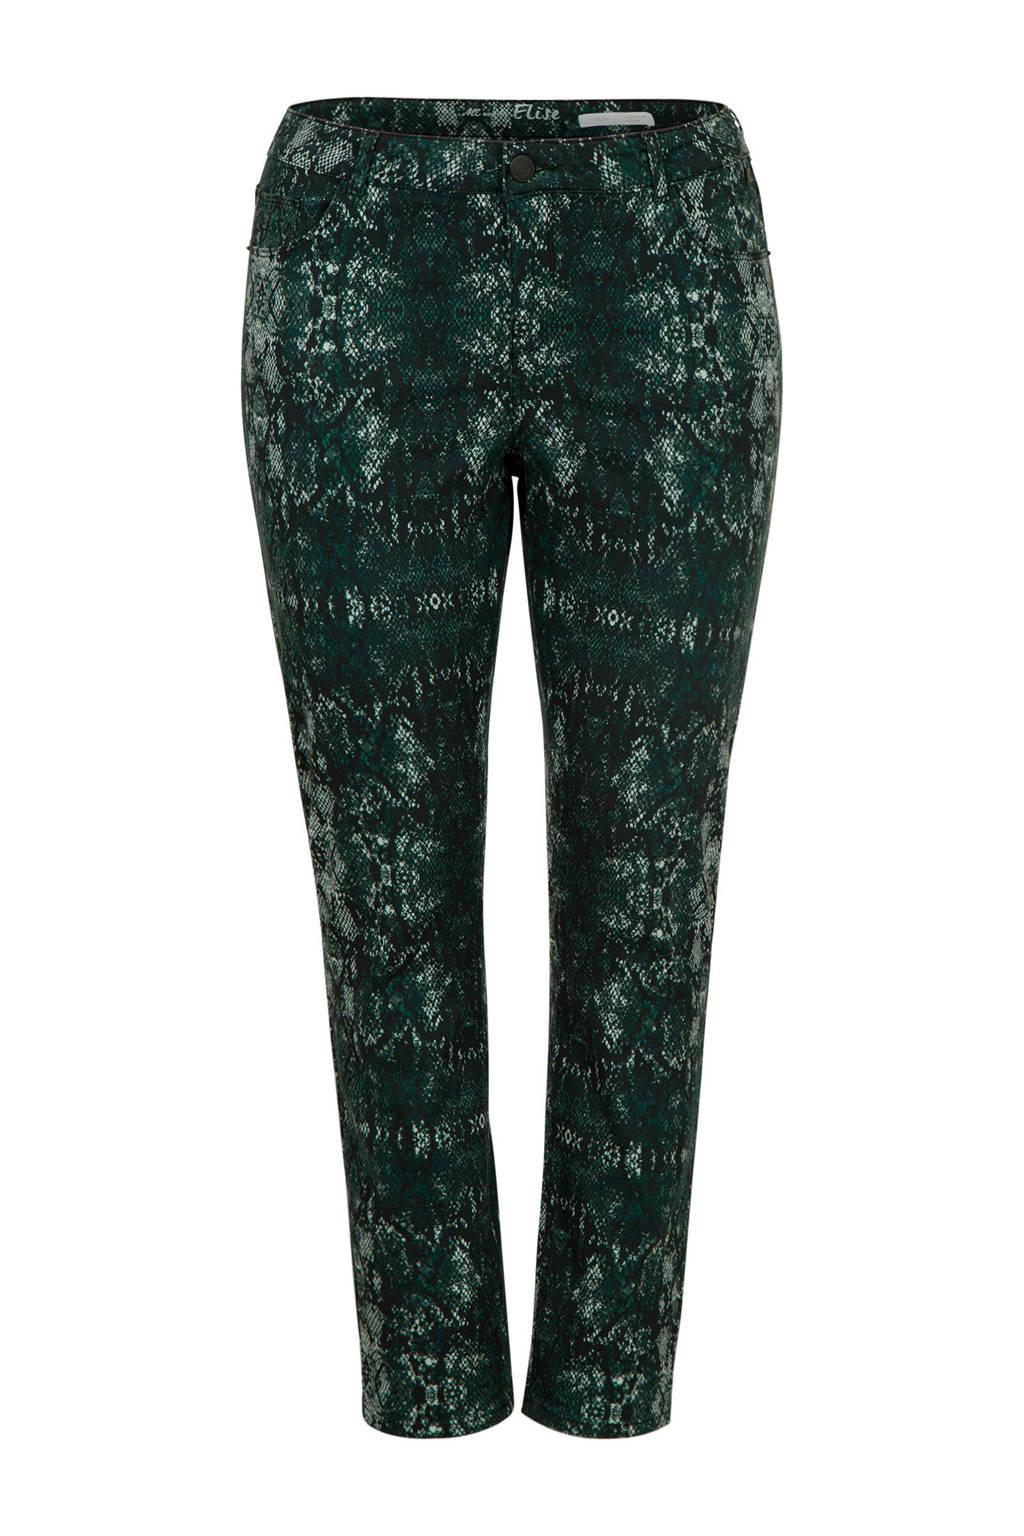 Miss Etam Plus slim fit broek met all over print groen, Groen